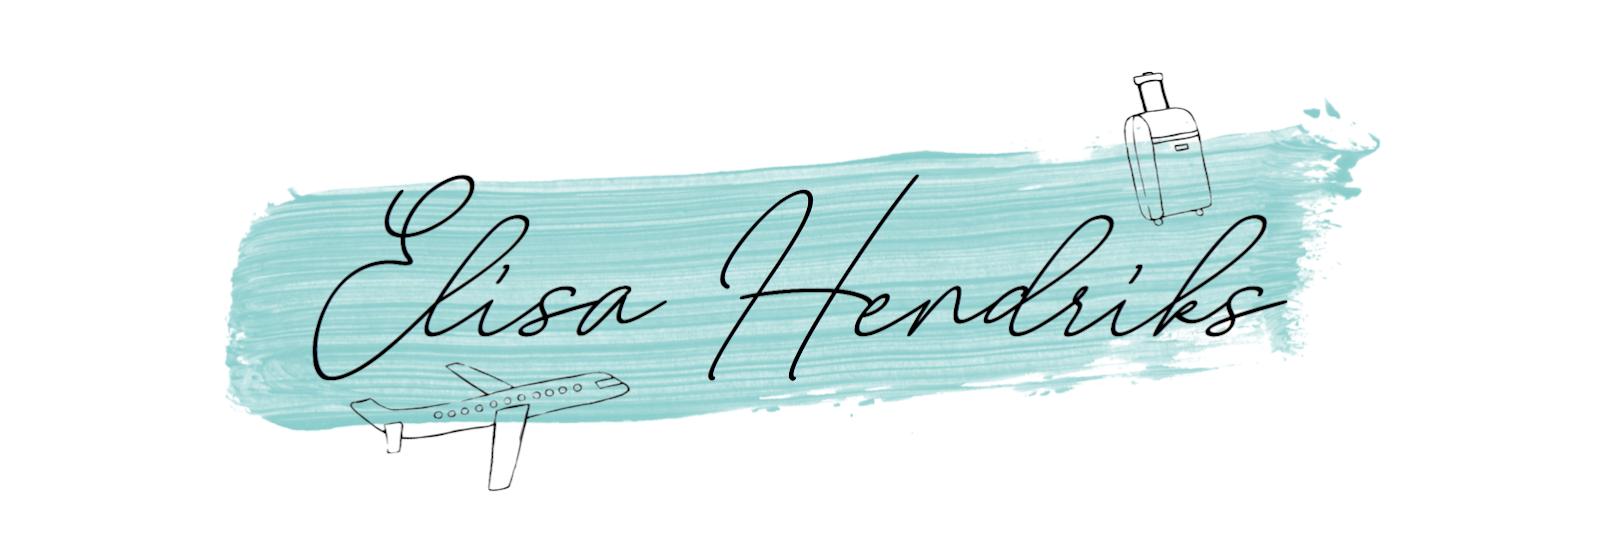 Elisa Rose Hendriks